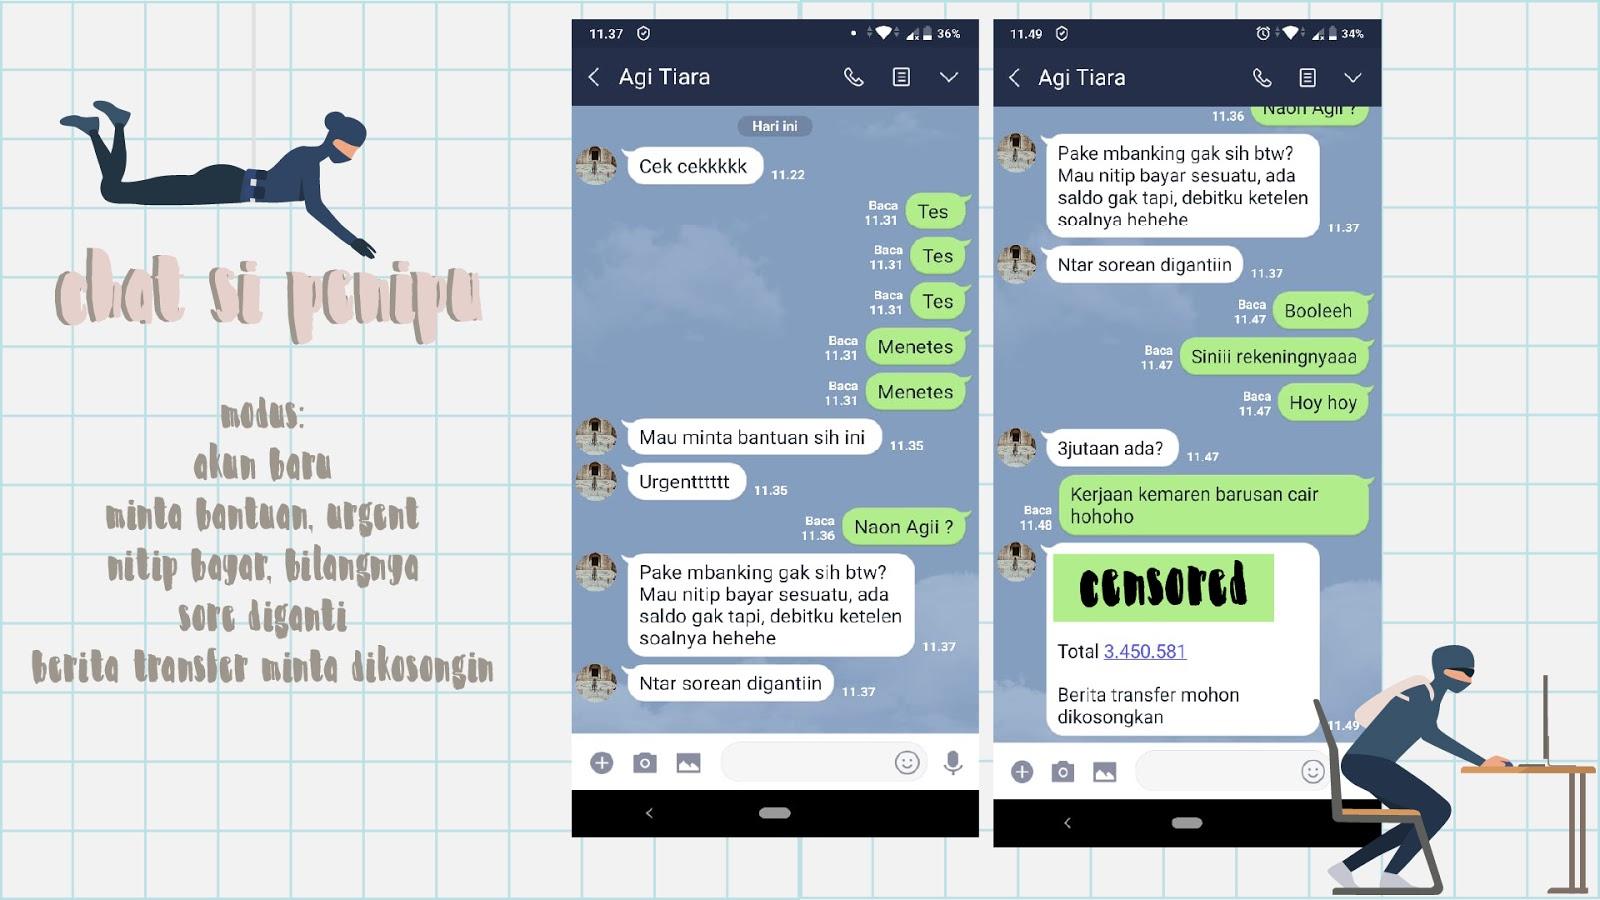 contoh chat penipuan di messenger app